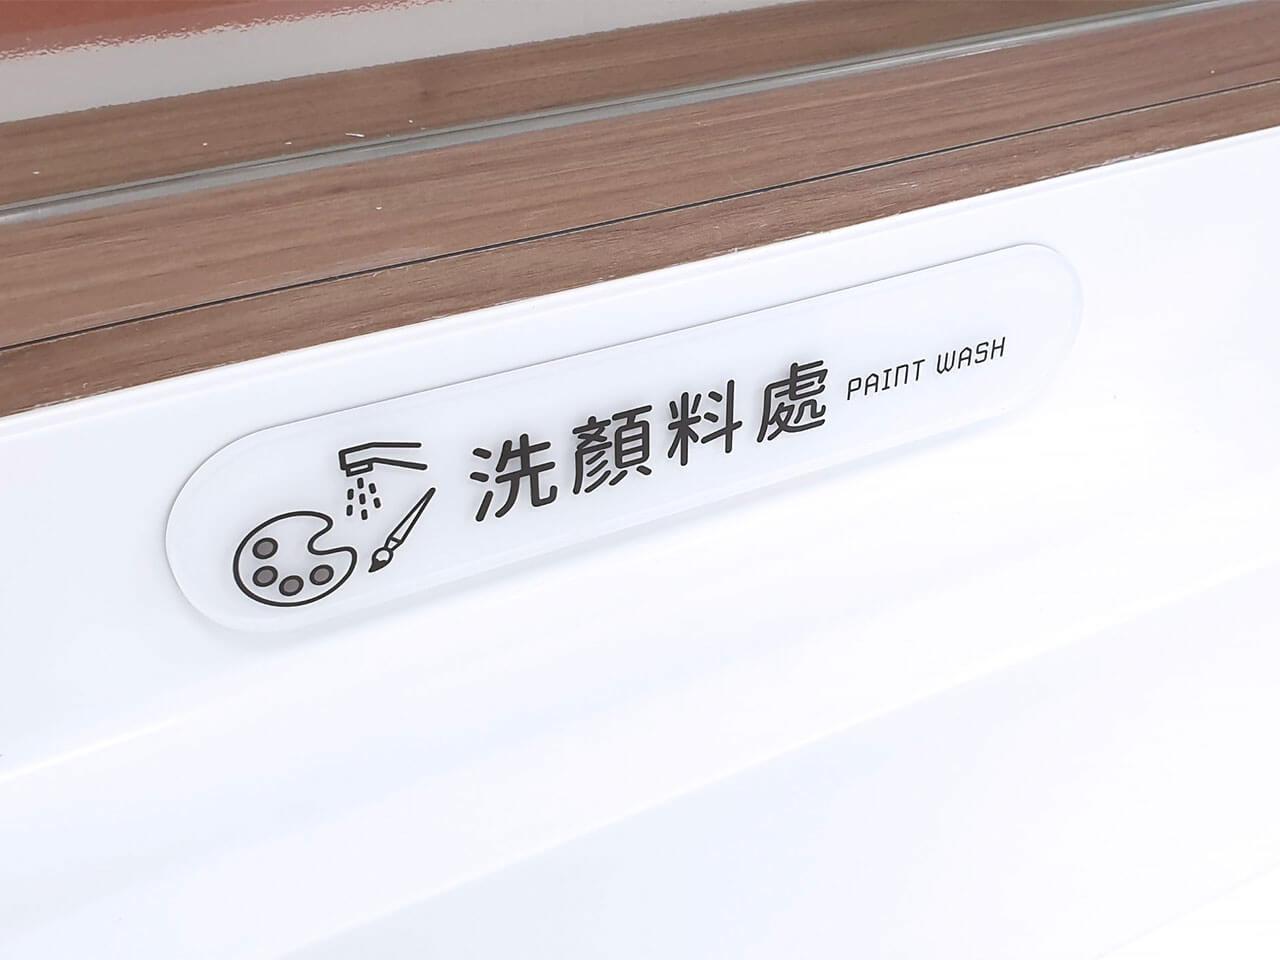 休閒工廠專業招牌指示牌製作